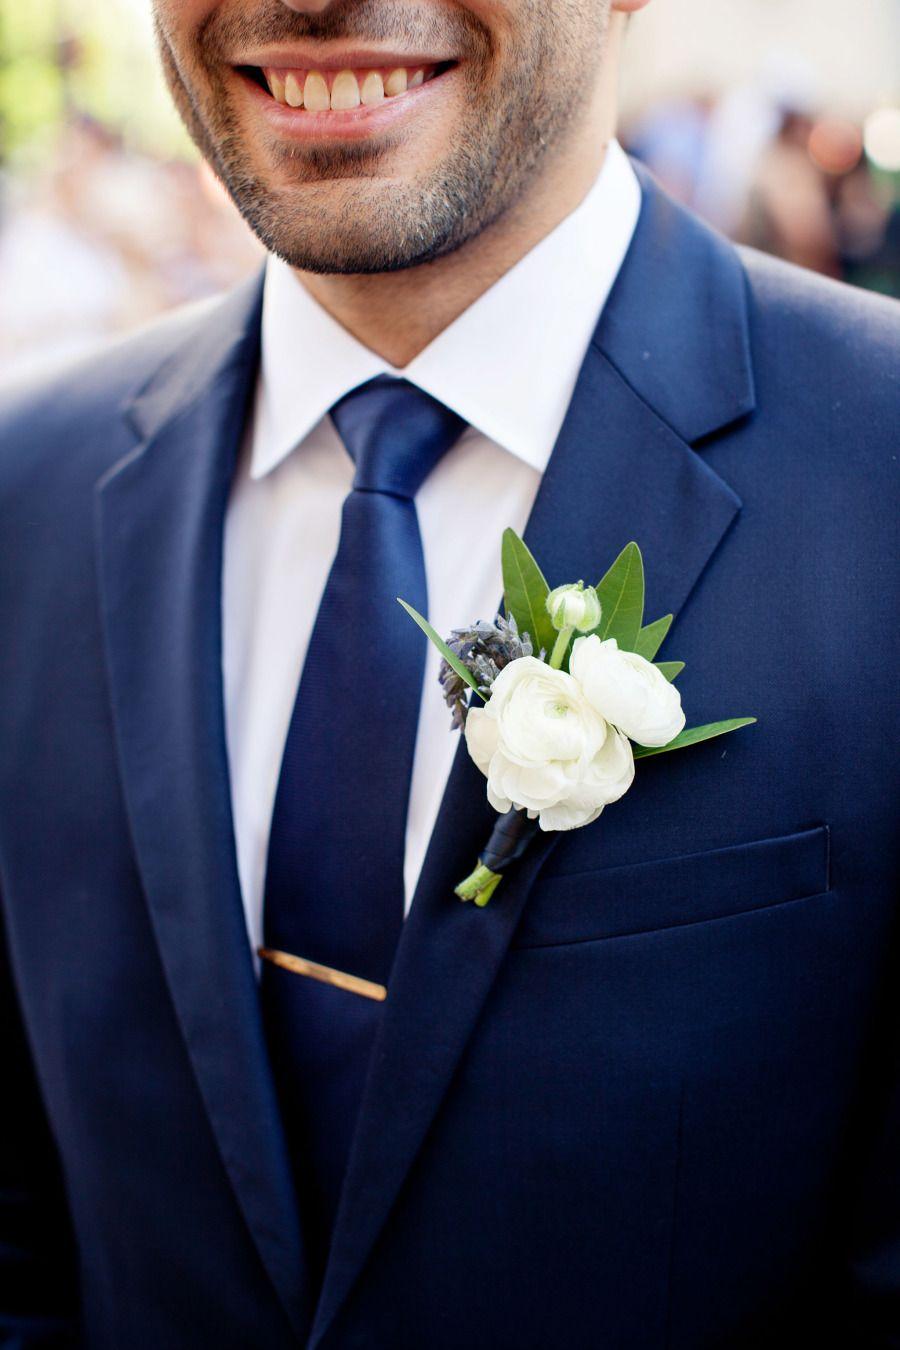 Boutonniere Groom Navy Tie Wedding